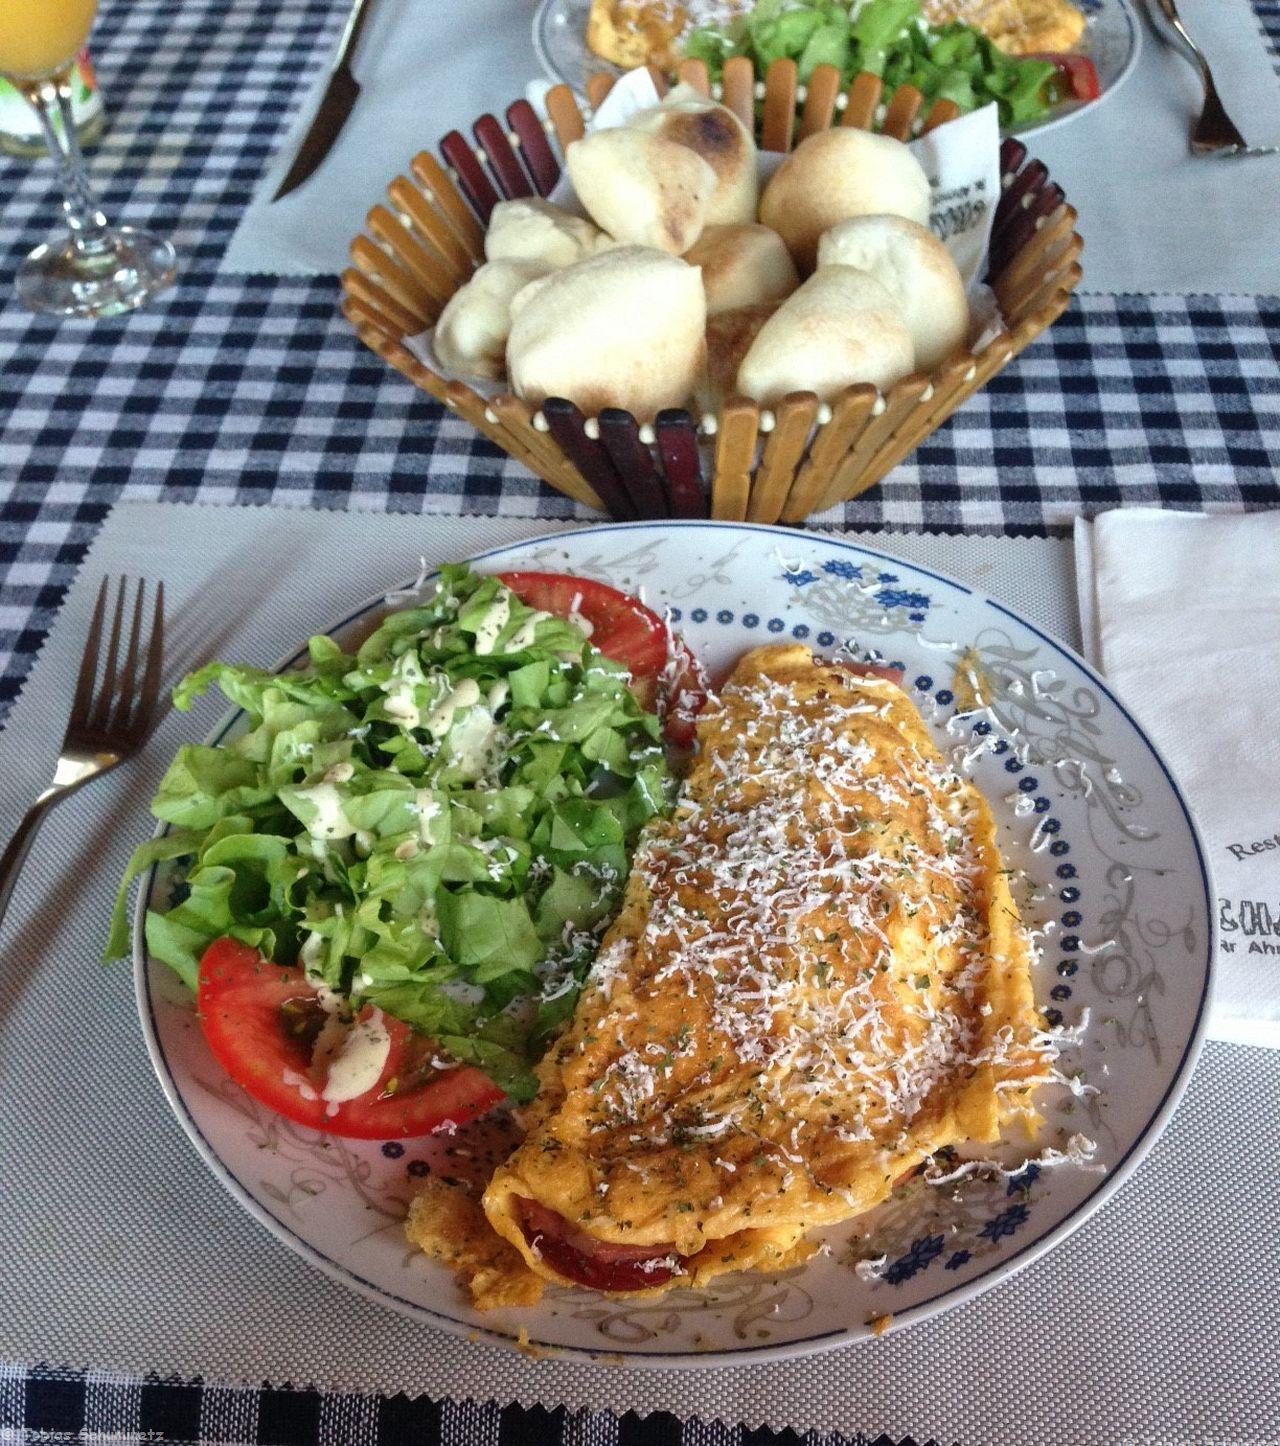 Nach dem Frühstück - einem leckeren Omlett mit Salami und Käse gefüllt und den im Steinofen aufgebackenen kleinen Semmelchen ging es dann los!